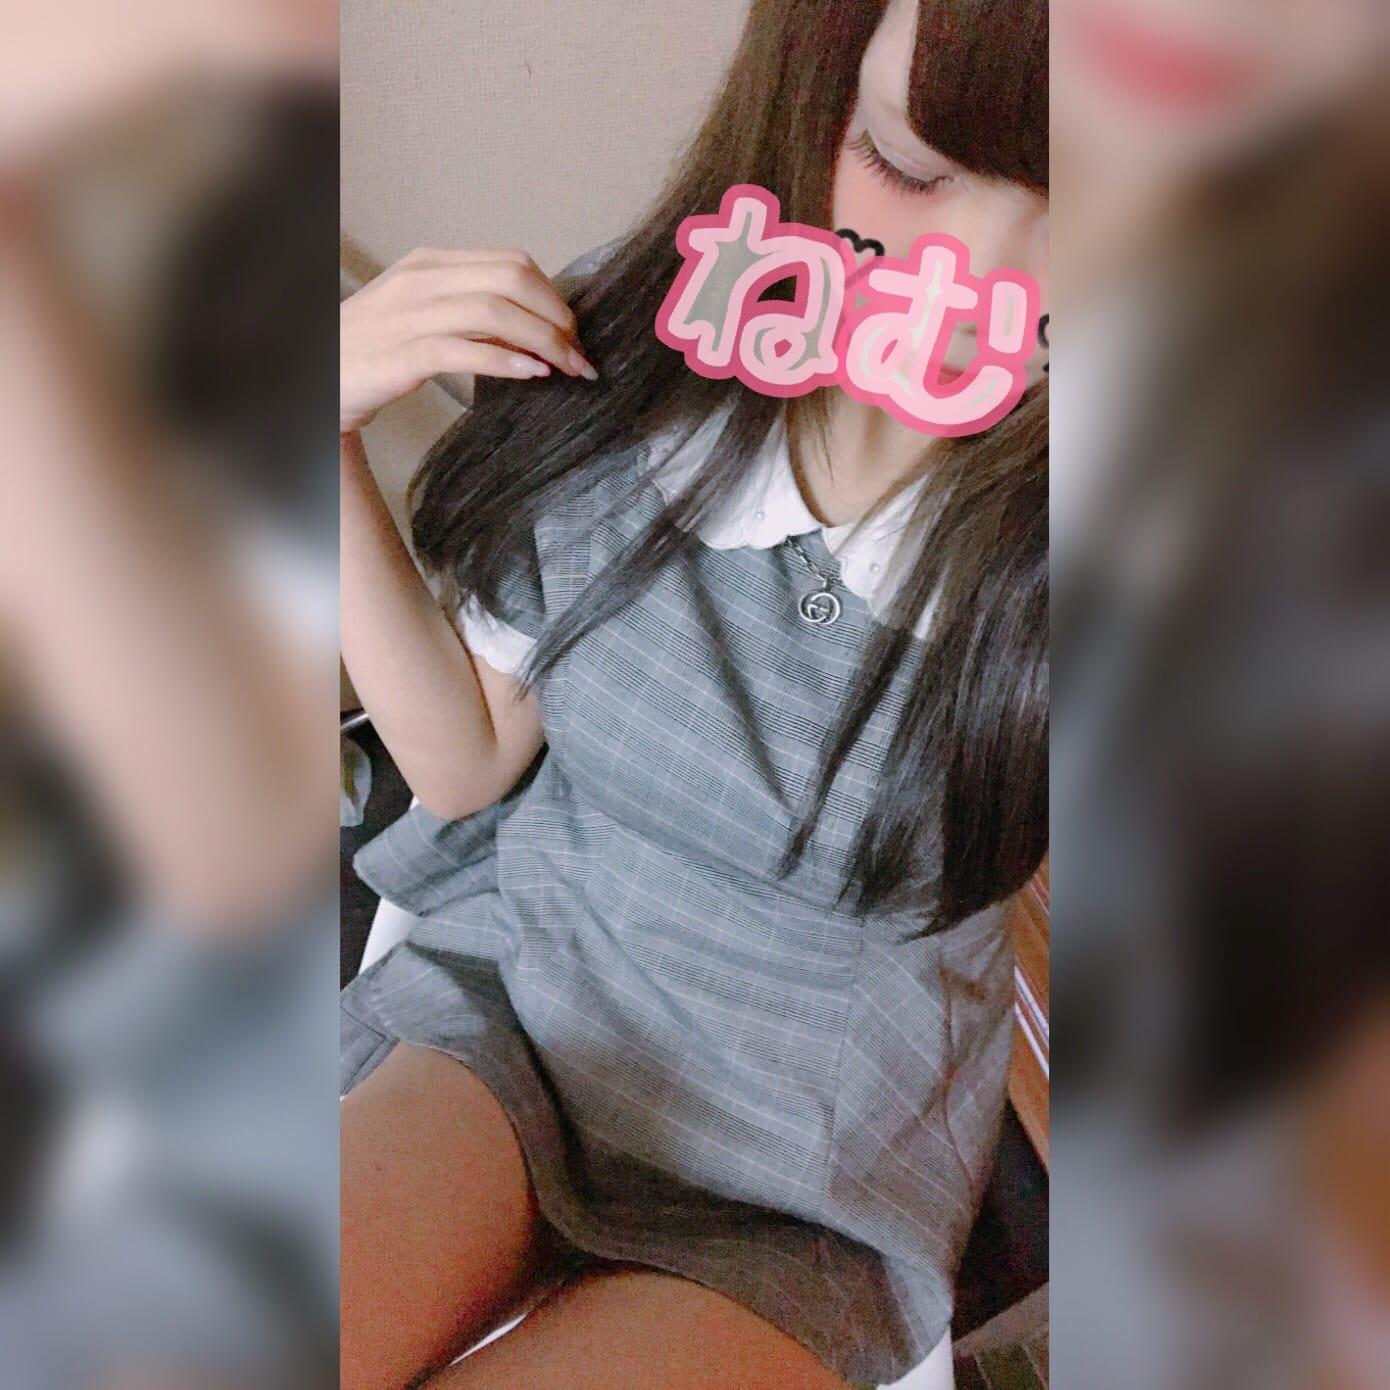 「今日わっ」04/24(04/24) 23:24 | ねむの写メ・風俗動画